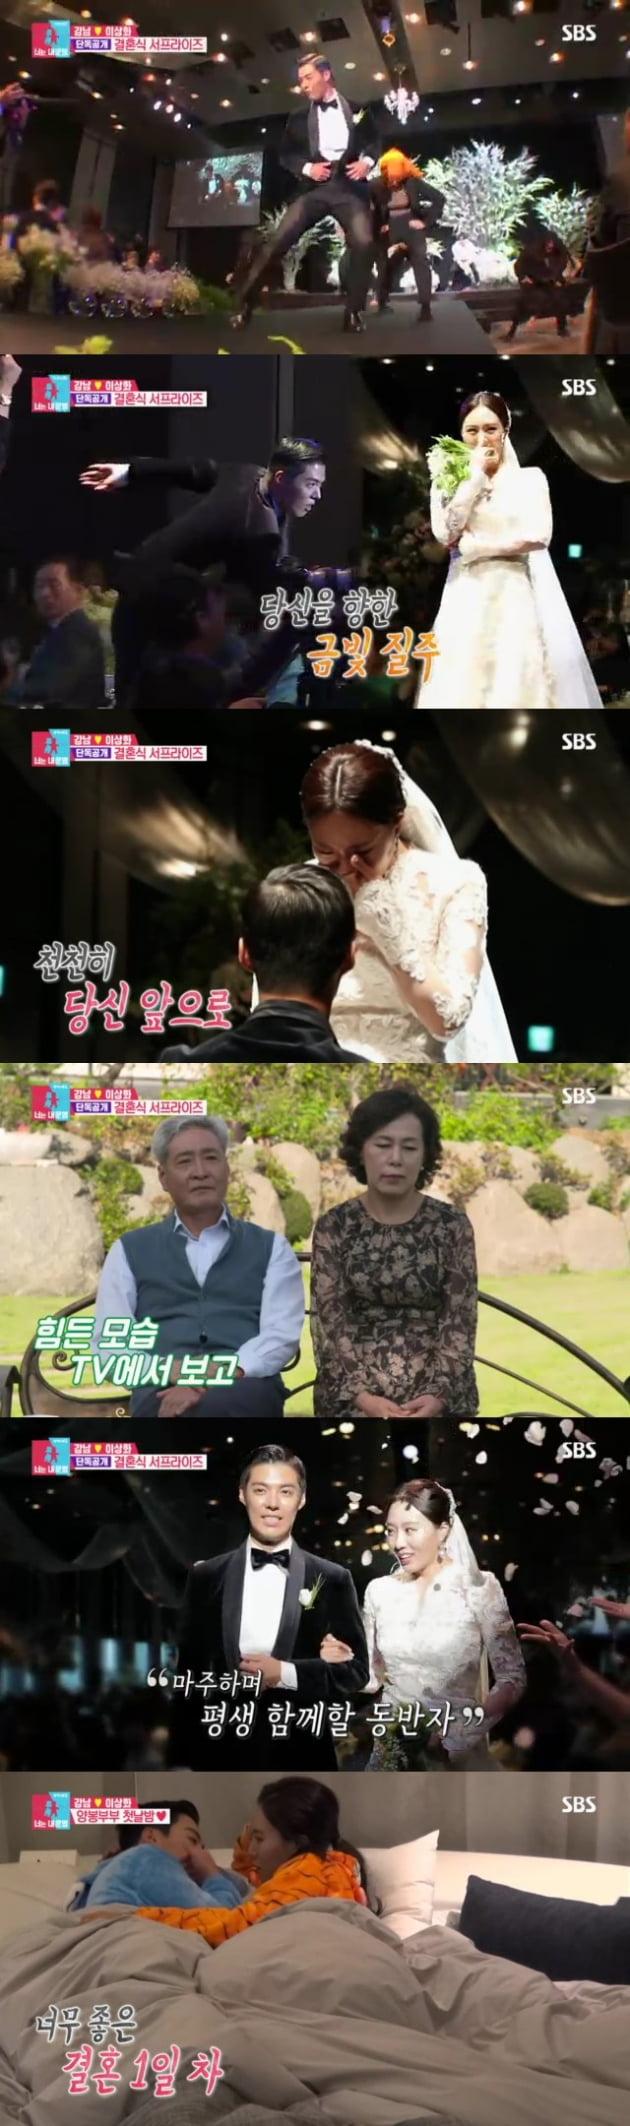 '너는 내 운명' 강남 이상화 결혼식 풀스토리 공개 /사진=SBS